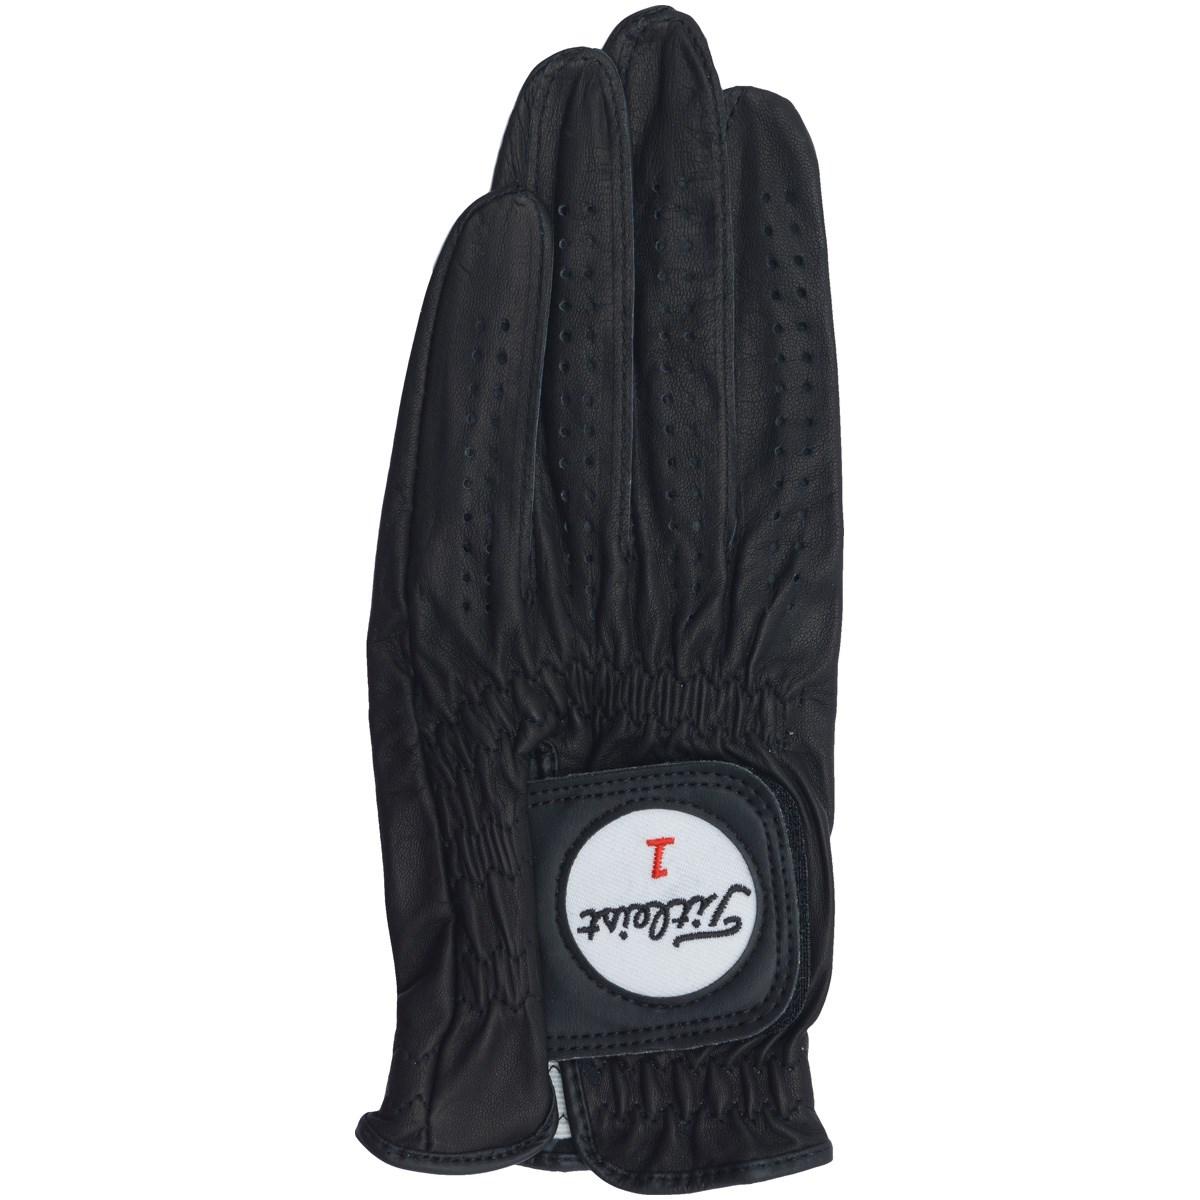 タイトリスト TITLEIST プロフェッショナル グローブ 25cm 左手着用(右利き用) ブラック